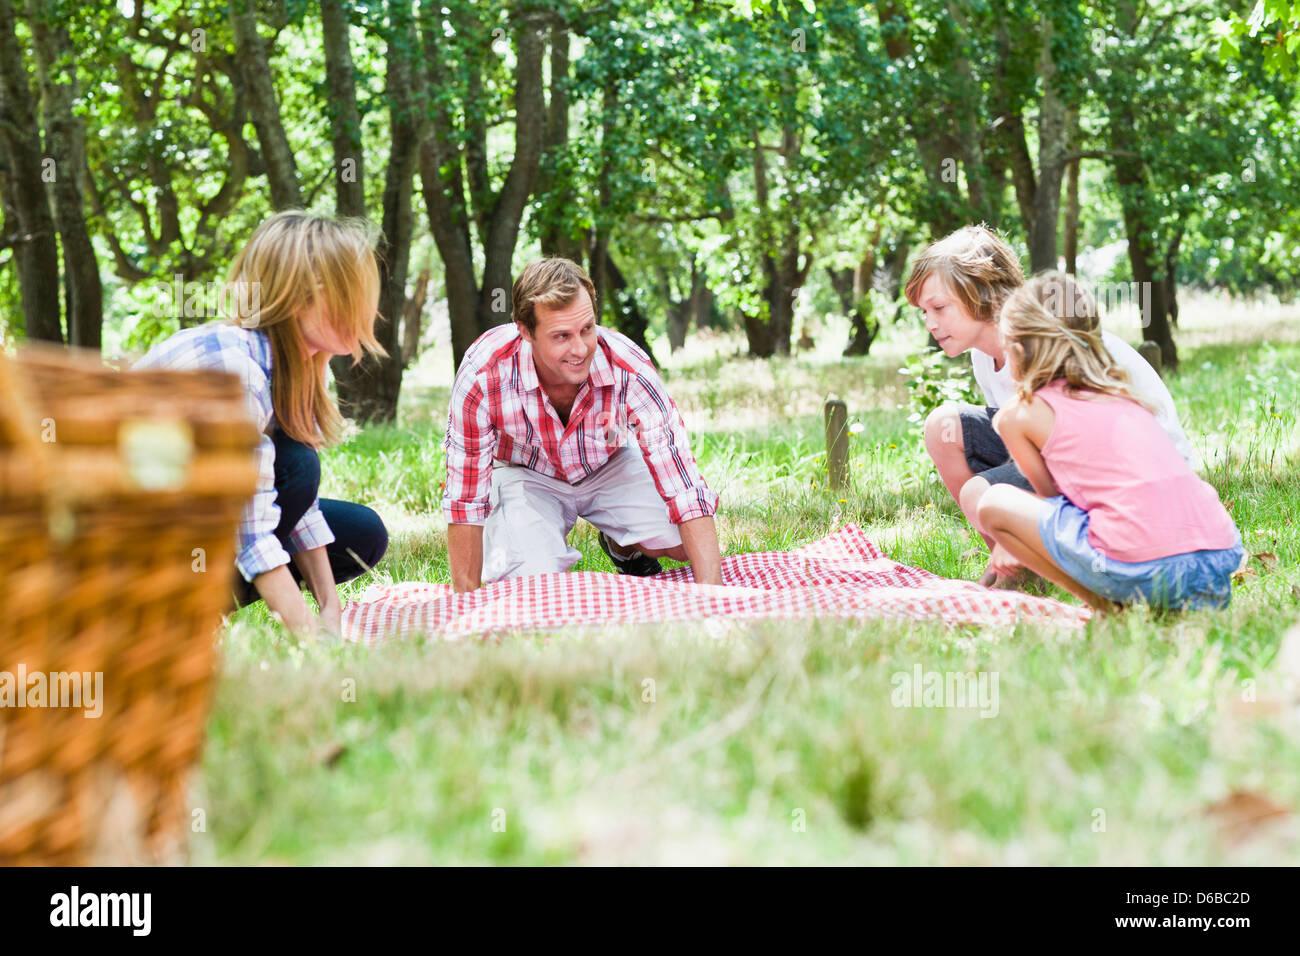 Family having picnic in park Photo Stock